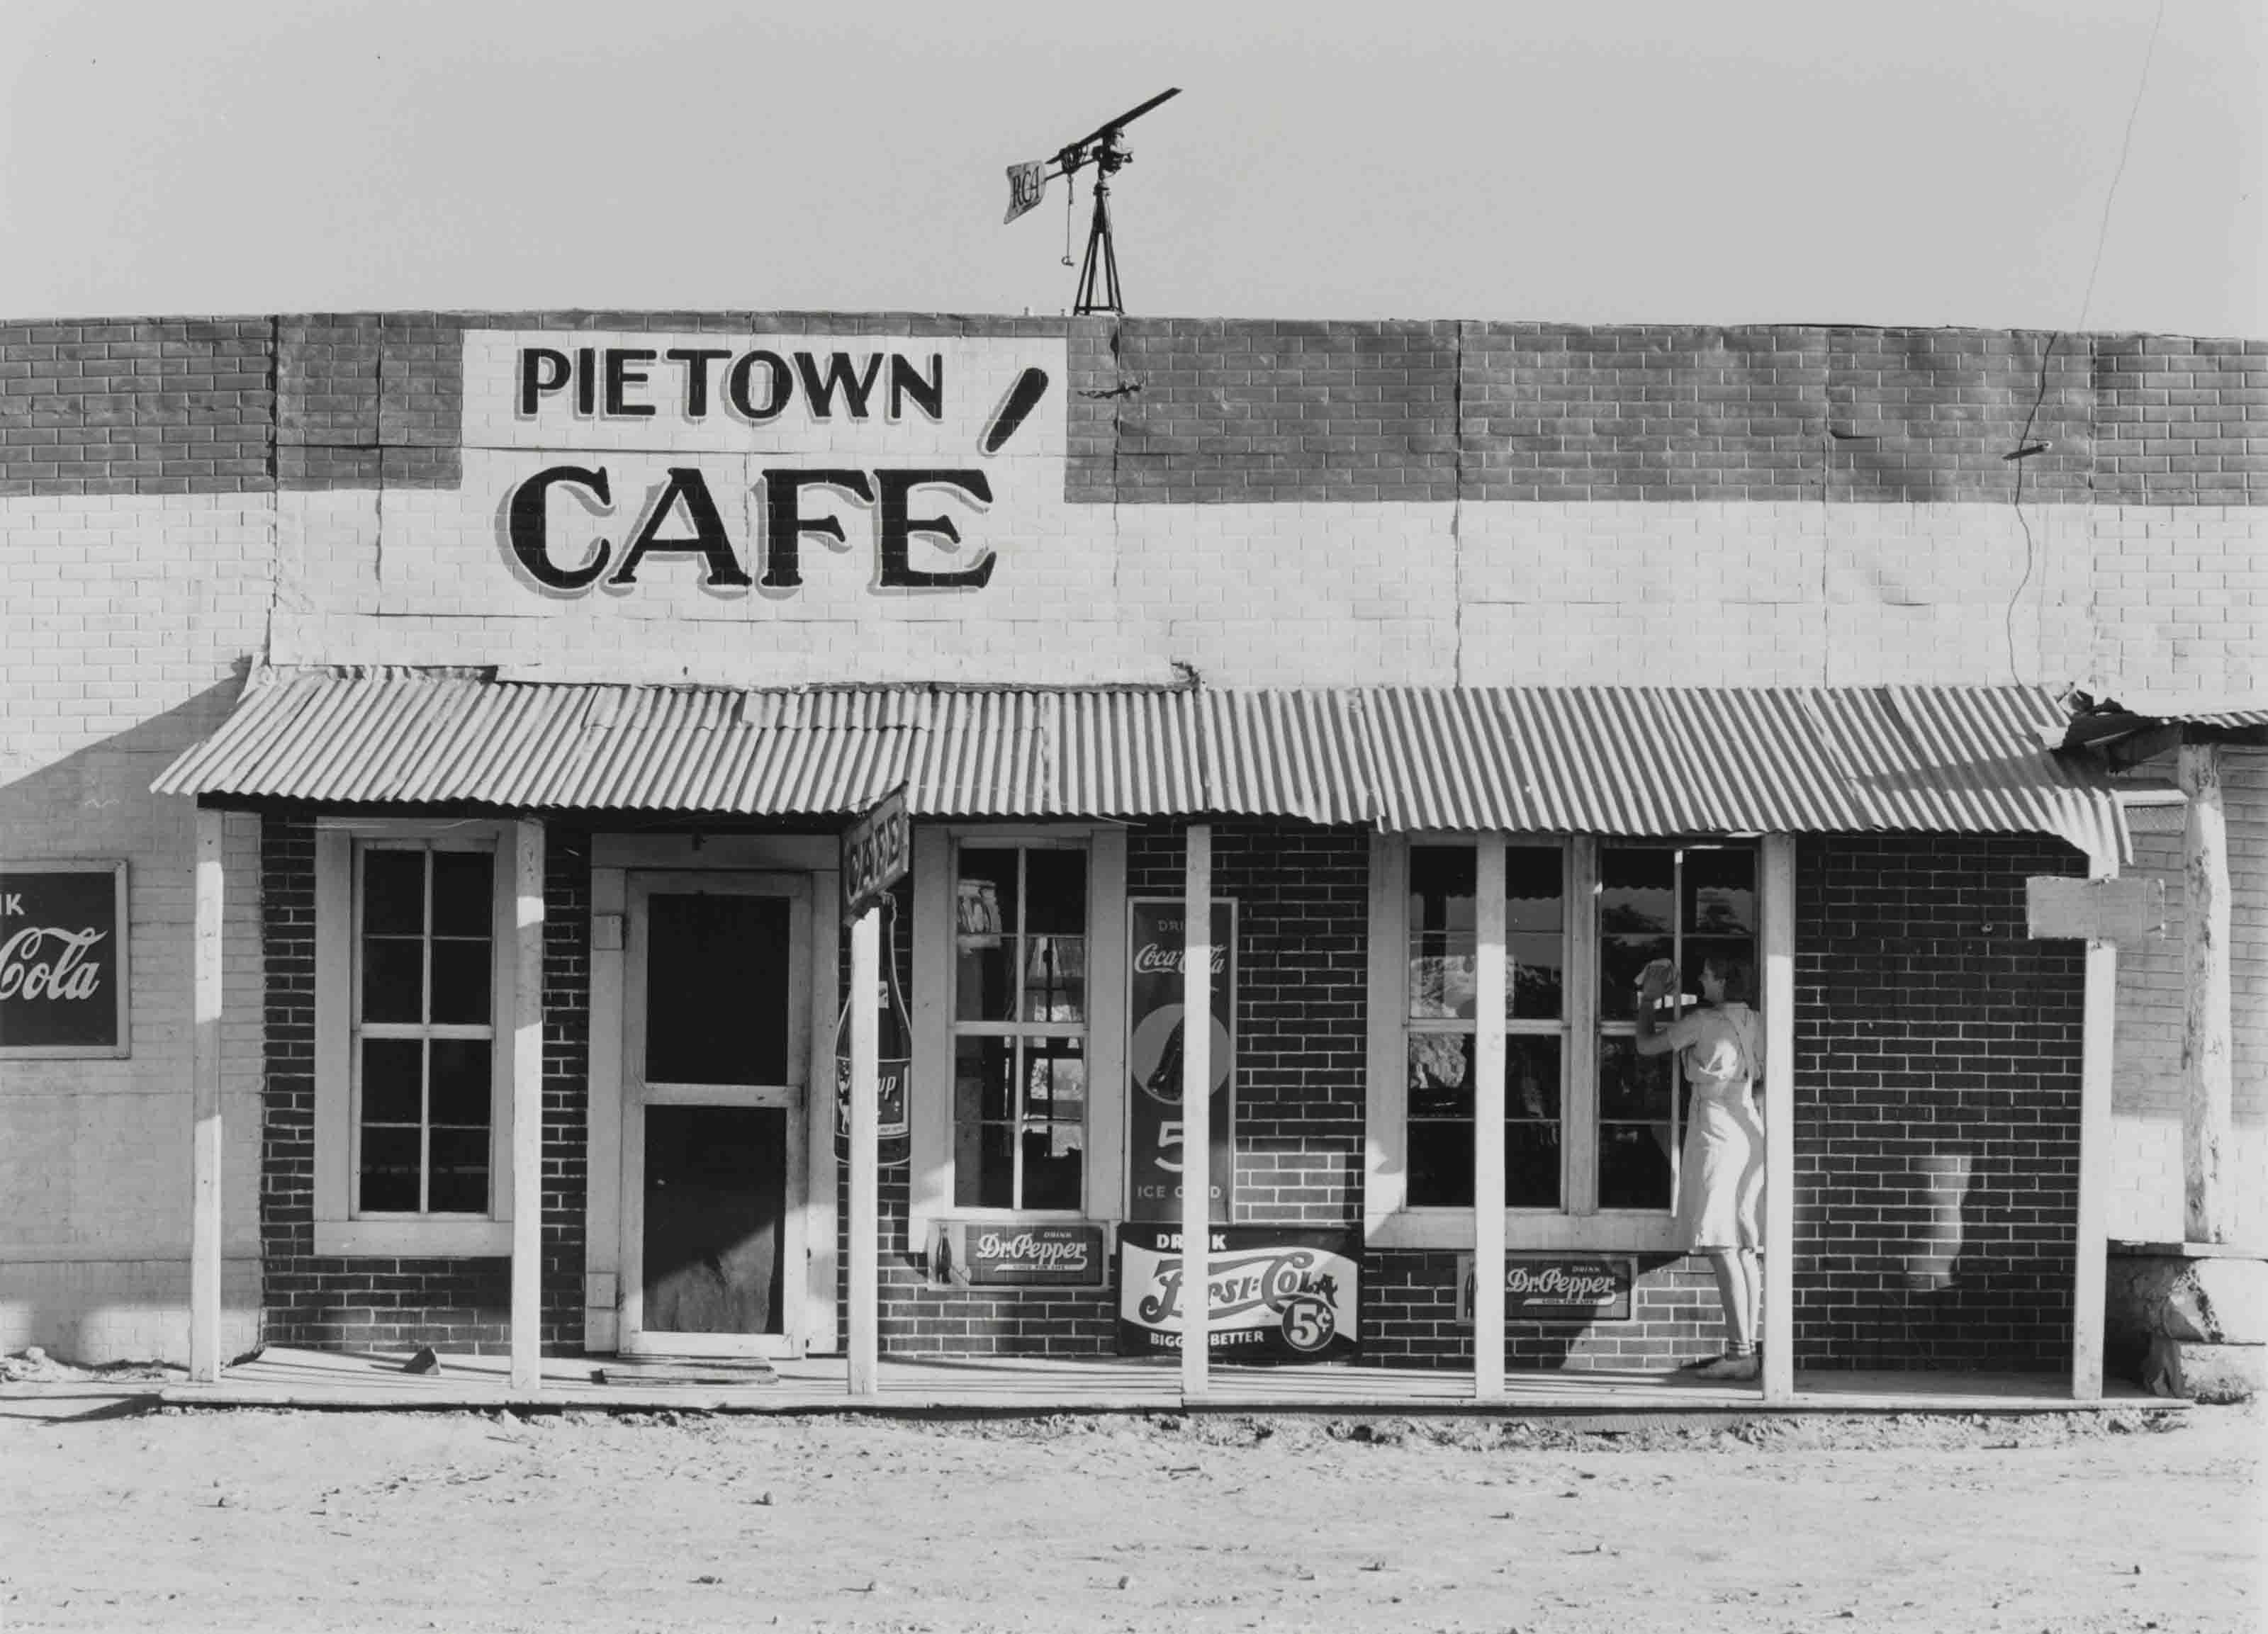 Pietown Café, c. 1940